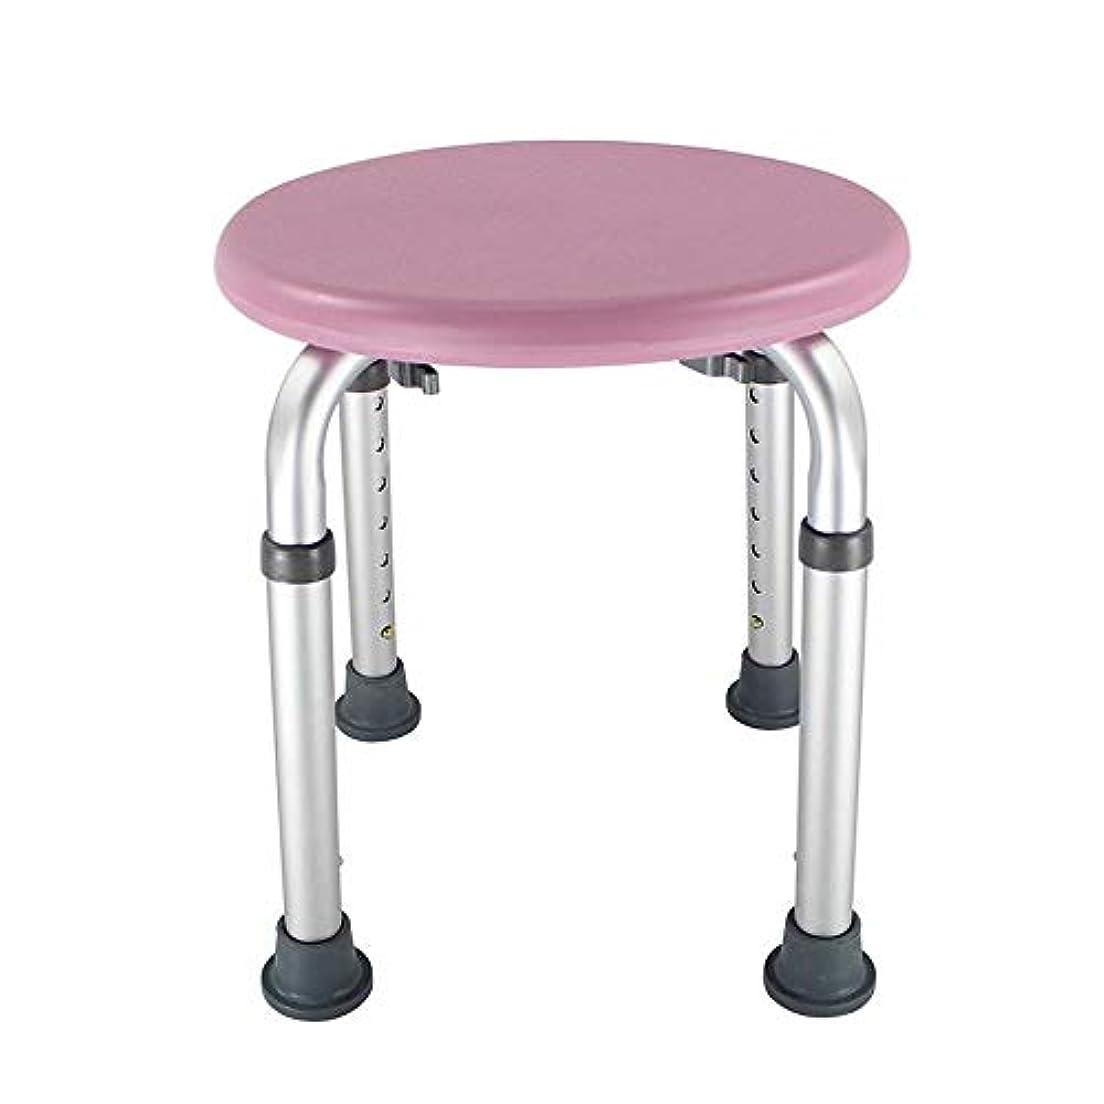 呼吸するインディカたらい調節可能な高さのラウンドバスシートまたは高齢者用シャワースツール入浴用品